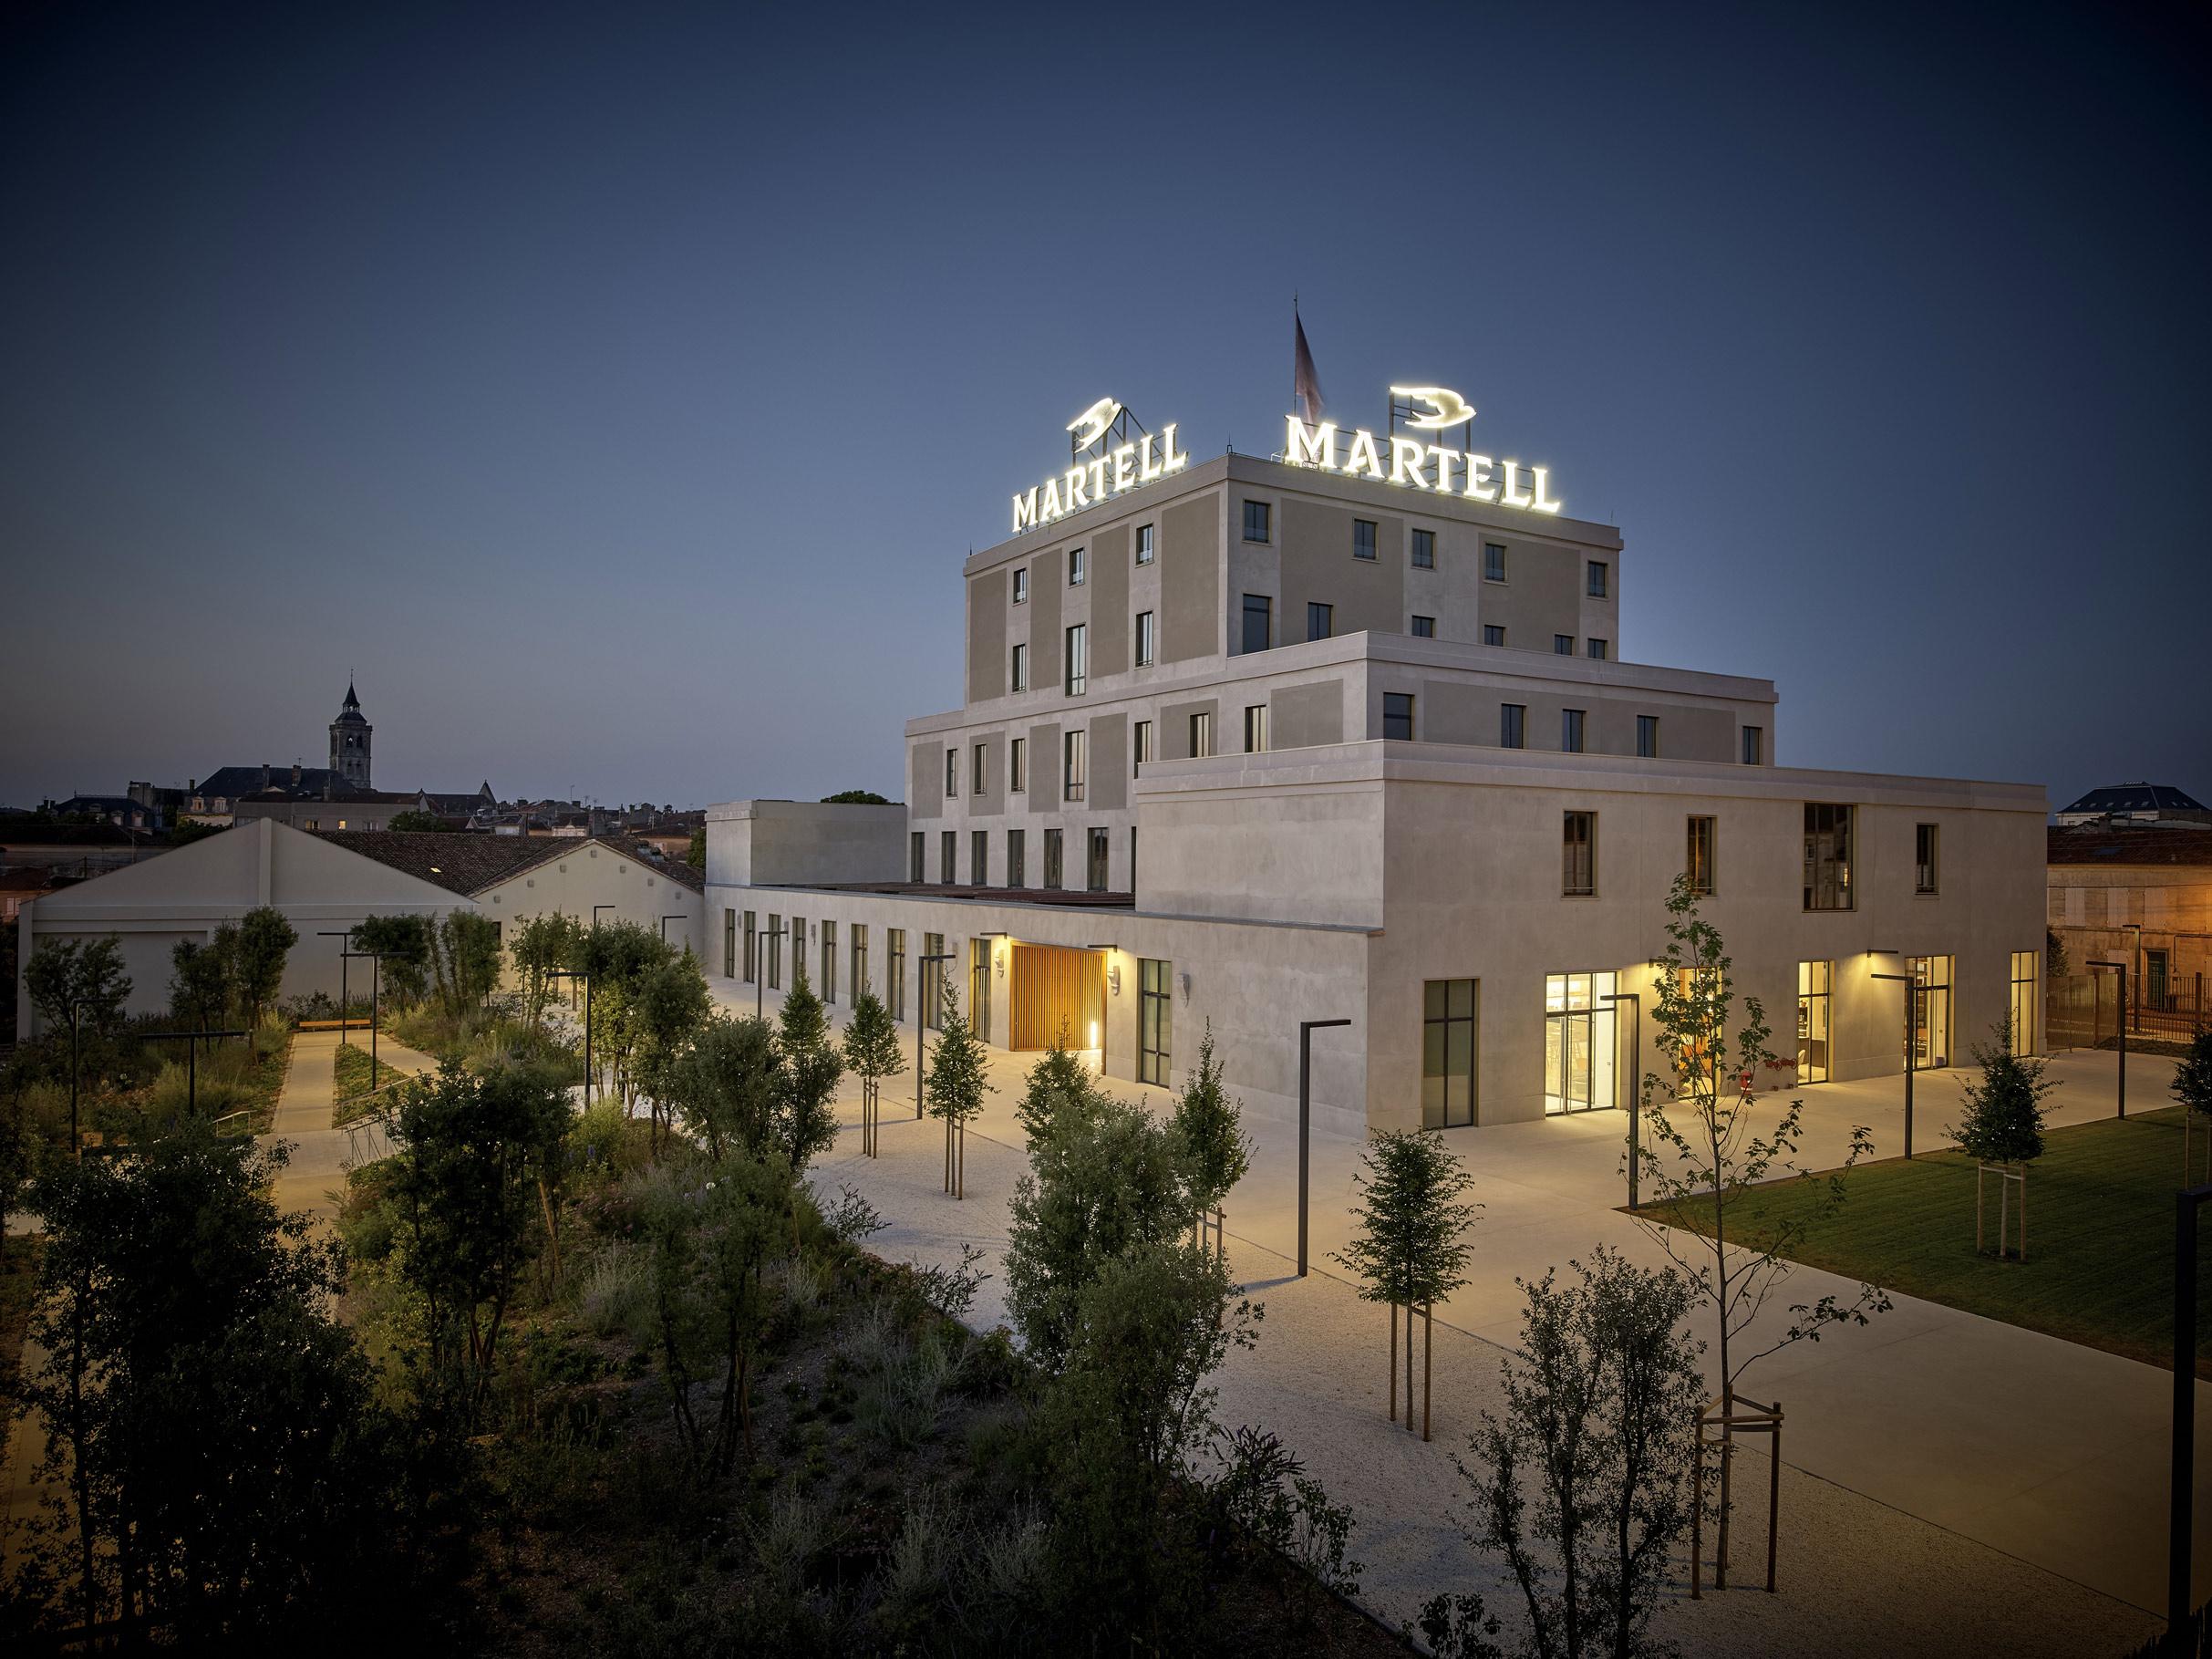 """©Philippe Caumes pour BLP   Un effet Martell à Cognac  Certaines leçons du fameux musée de Frank Gehry, qui avait dynamisé toute la région de la cité espagnole, ont été retenues. La fondation ne pourra animer son territoire qu'en s'y ouvrant. Physiquement déjà. Les travaux d'aménagement du bâtiment (qui auront lieu jusqu'en 2021) ont eu pour premier effet de détruire le mur qui séparait la ville de l'ancienne usine. L'œuvre gigantesque de Vincent Lamouroux, installée jusqu'à fin janvier au premier niveau, devient ainsi visible de la rue. Les habitants sont également invités à profiter des jardins intérieurs aménagés. Et le geste de l'artiste s'inscrit lui-même dans ce programme d'ouverture en s'appuyant sur les partenaires locaux de Martell.   Les vastes étendues de sable blanc du """"paysage"""" créé par Vincent Lamourouxproviennent du verrier Verallia. Le bois, de la tonnellerieLeroi. Une démarche qui semble avoir guidé,depuis l'origine, la commissaire d'exposition Nathalie Viot, qui confiait, lors de l'inauguration, avoir eu comme première préoccupation de rencontrer les salariés Martell ainsi que tous leurs collaborateurs de la région.   Un terrain de jeu global et local   """"L'ancrage local n'est en rien incompatible avec ouverture sur le monde et exigence artistique"""", renchérissait lors du vernissage César Giron, le P-DG de Martell Mumm Perrier-Jouët. Le choix de l'excellent artiste Vincent Lamouroux, lauréat du prix de la Fondation Ricard en 2006, et de la commissaire d'exposition Nathalie Viot, ancienne du célèbre Mamco de Genève, qui a également codirigé la Galerie Chantal Crousel à Paris, en est la preuve la plus flagrante et fait de la Fondation Martell un exemple d'institution """"glocale"""" (globale et locale à la fois).   La curatrice appelée à prendre la tête de la Fondation Martell et César Giron promettent une inauguration par étapes. Après la révélation de l'œuvre poétique de Vincent Lamouroux, les lieux fermeront pour travaux et rouvriront entre 2018 et 2021. """